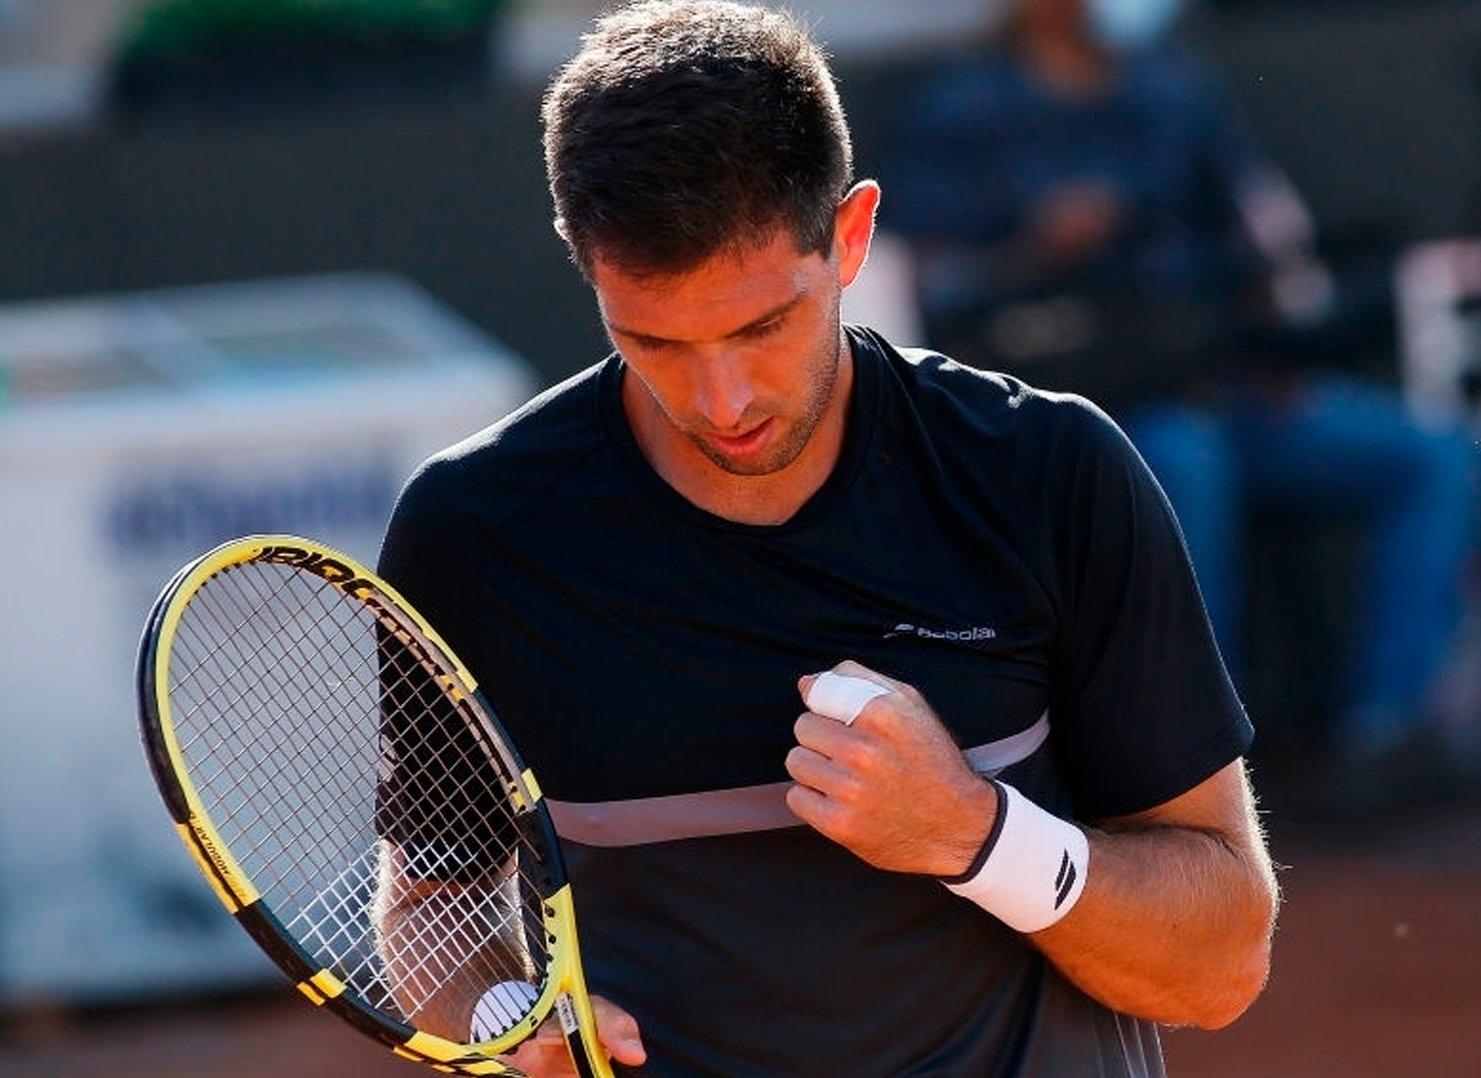 Delbonis se ganó su lugar para jugar ante Nadal y Pella fue eliminado en  Montecarlo - La Verdad Online de Junín, Buenos Aires, Argentina